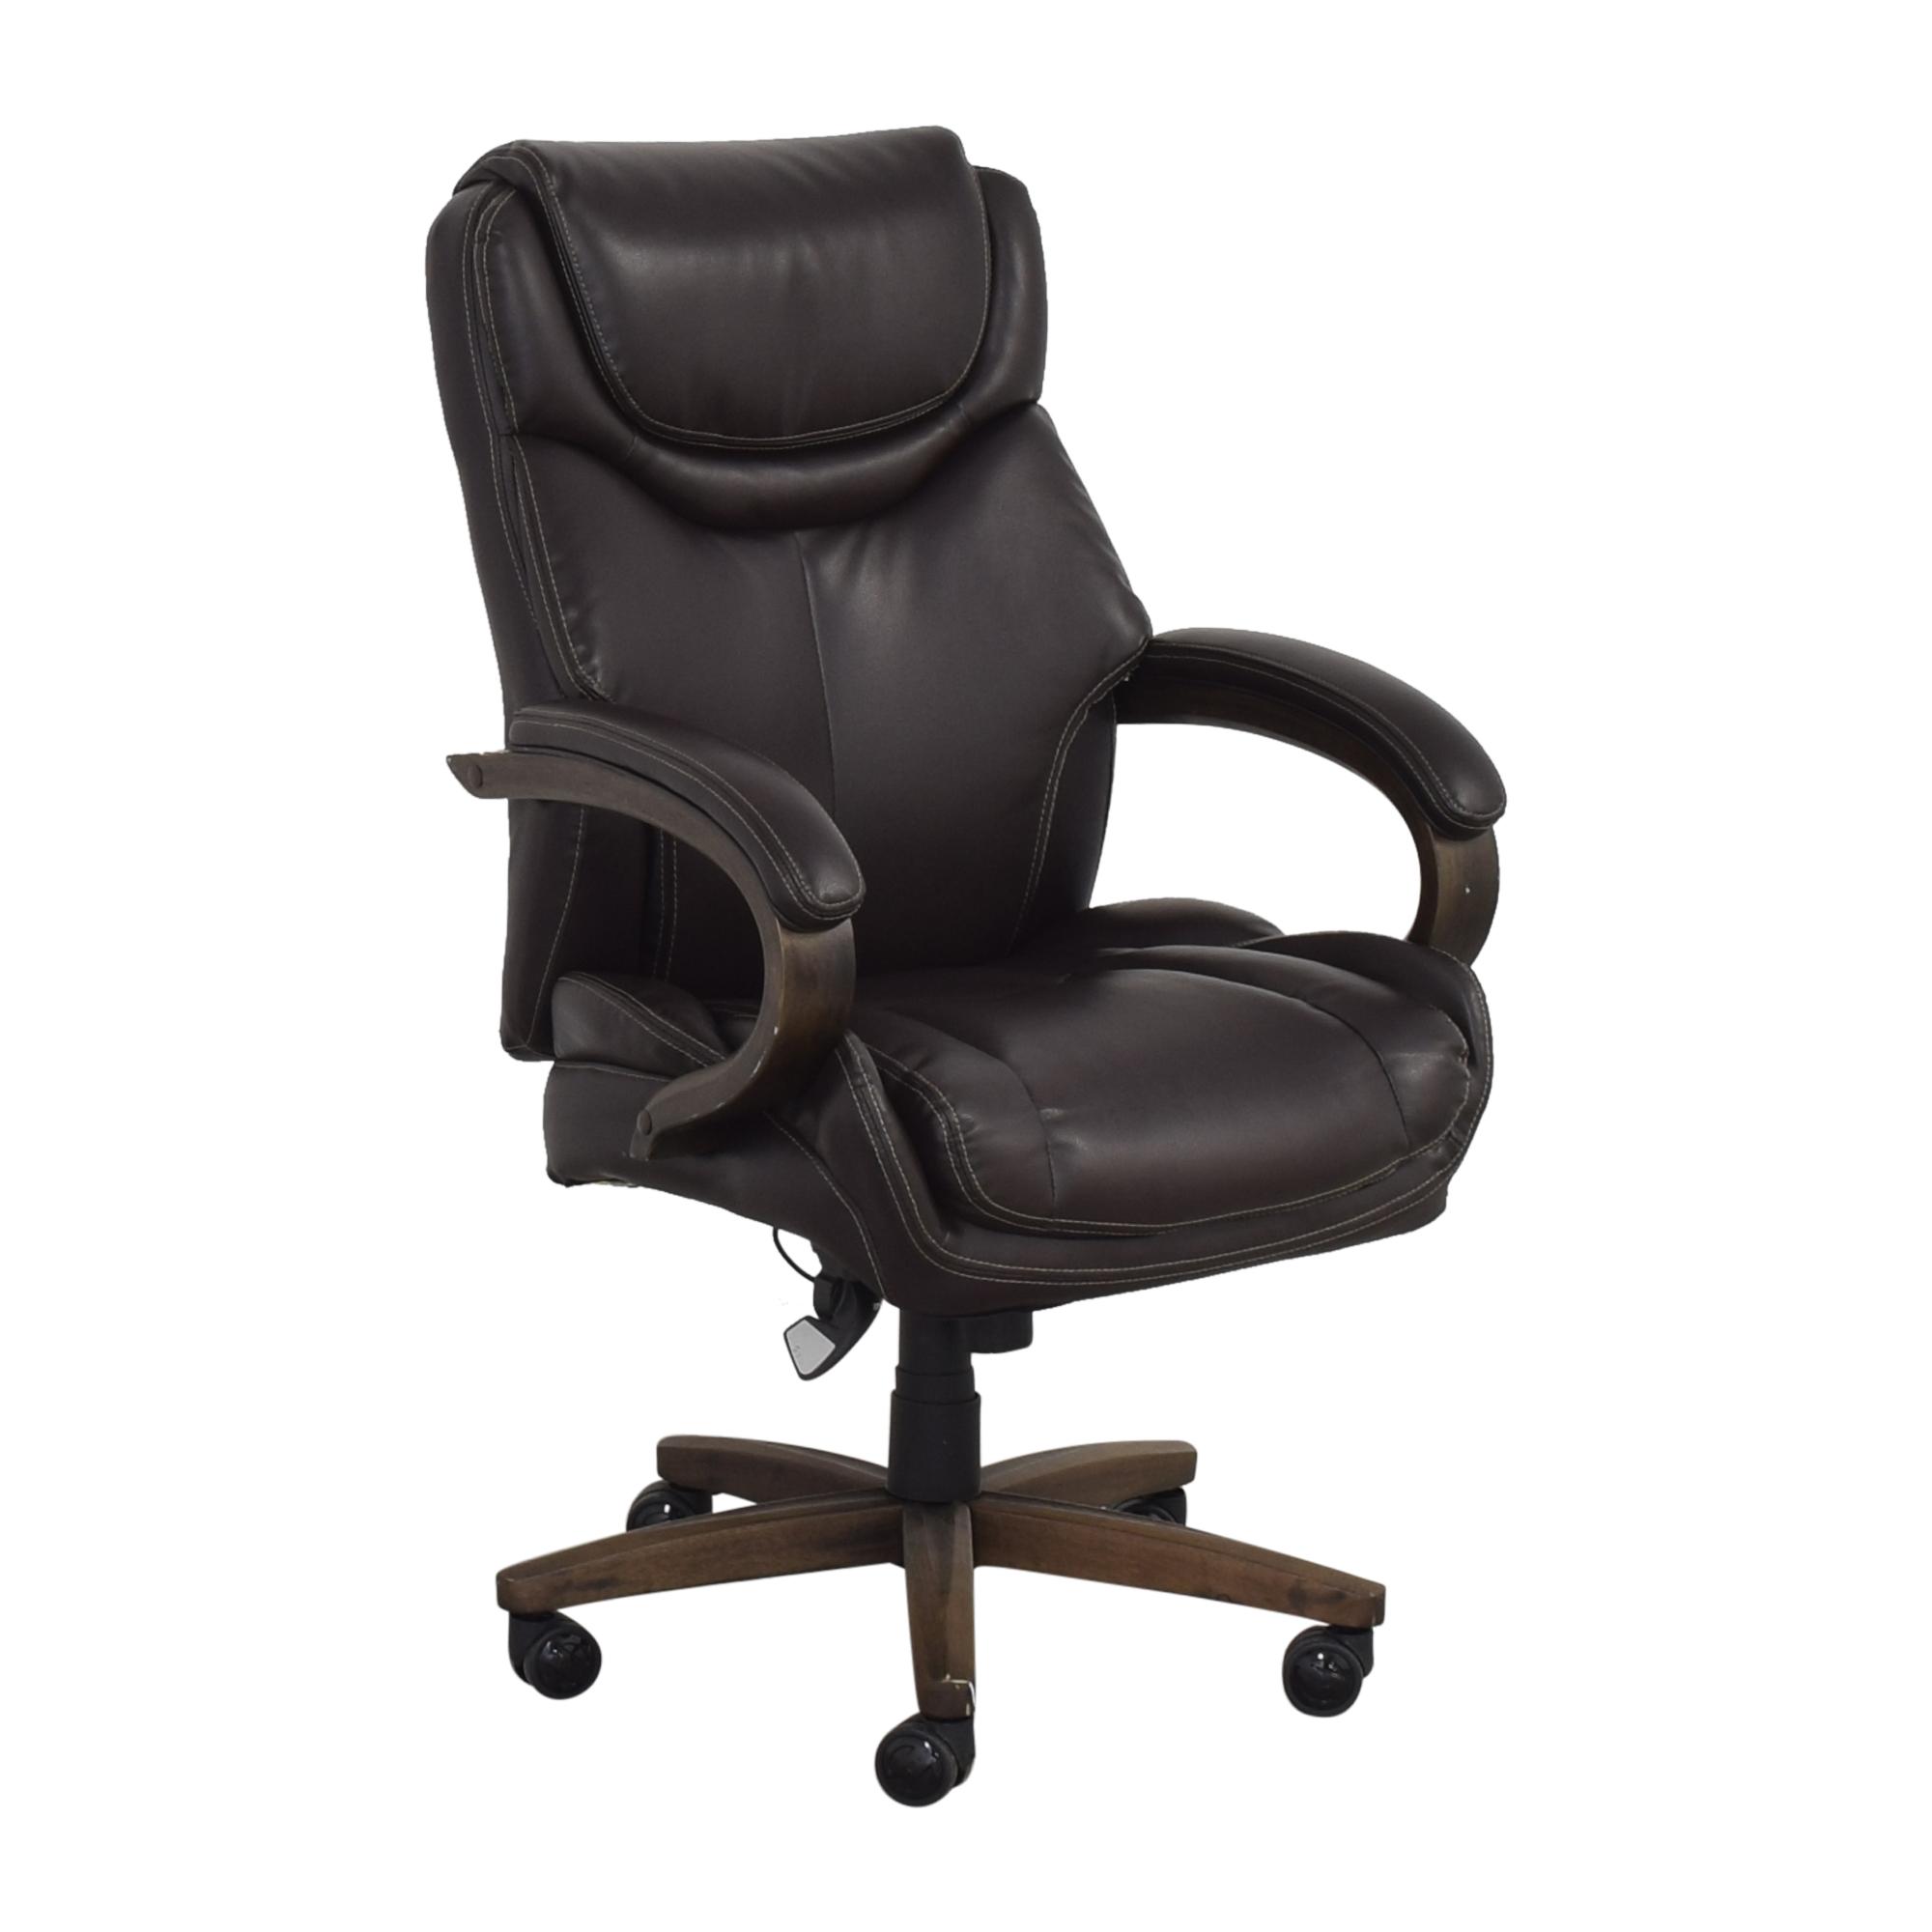 shop La-Z-Boy La-Z-Boy Executive-Style Office Chair online